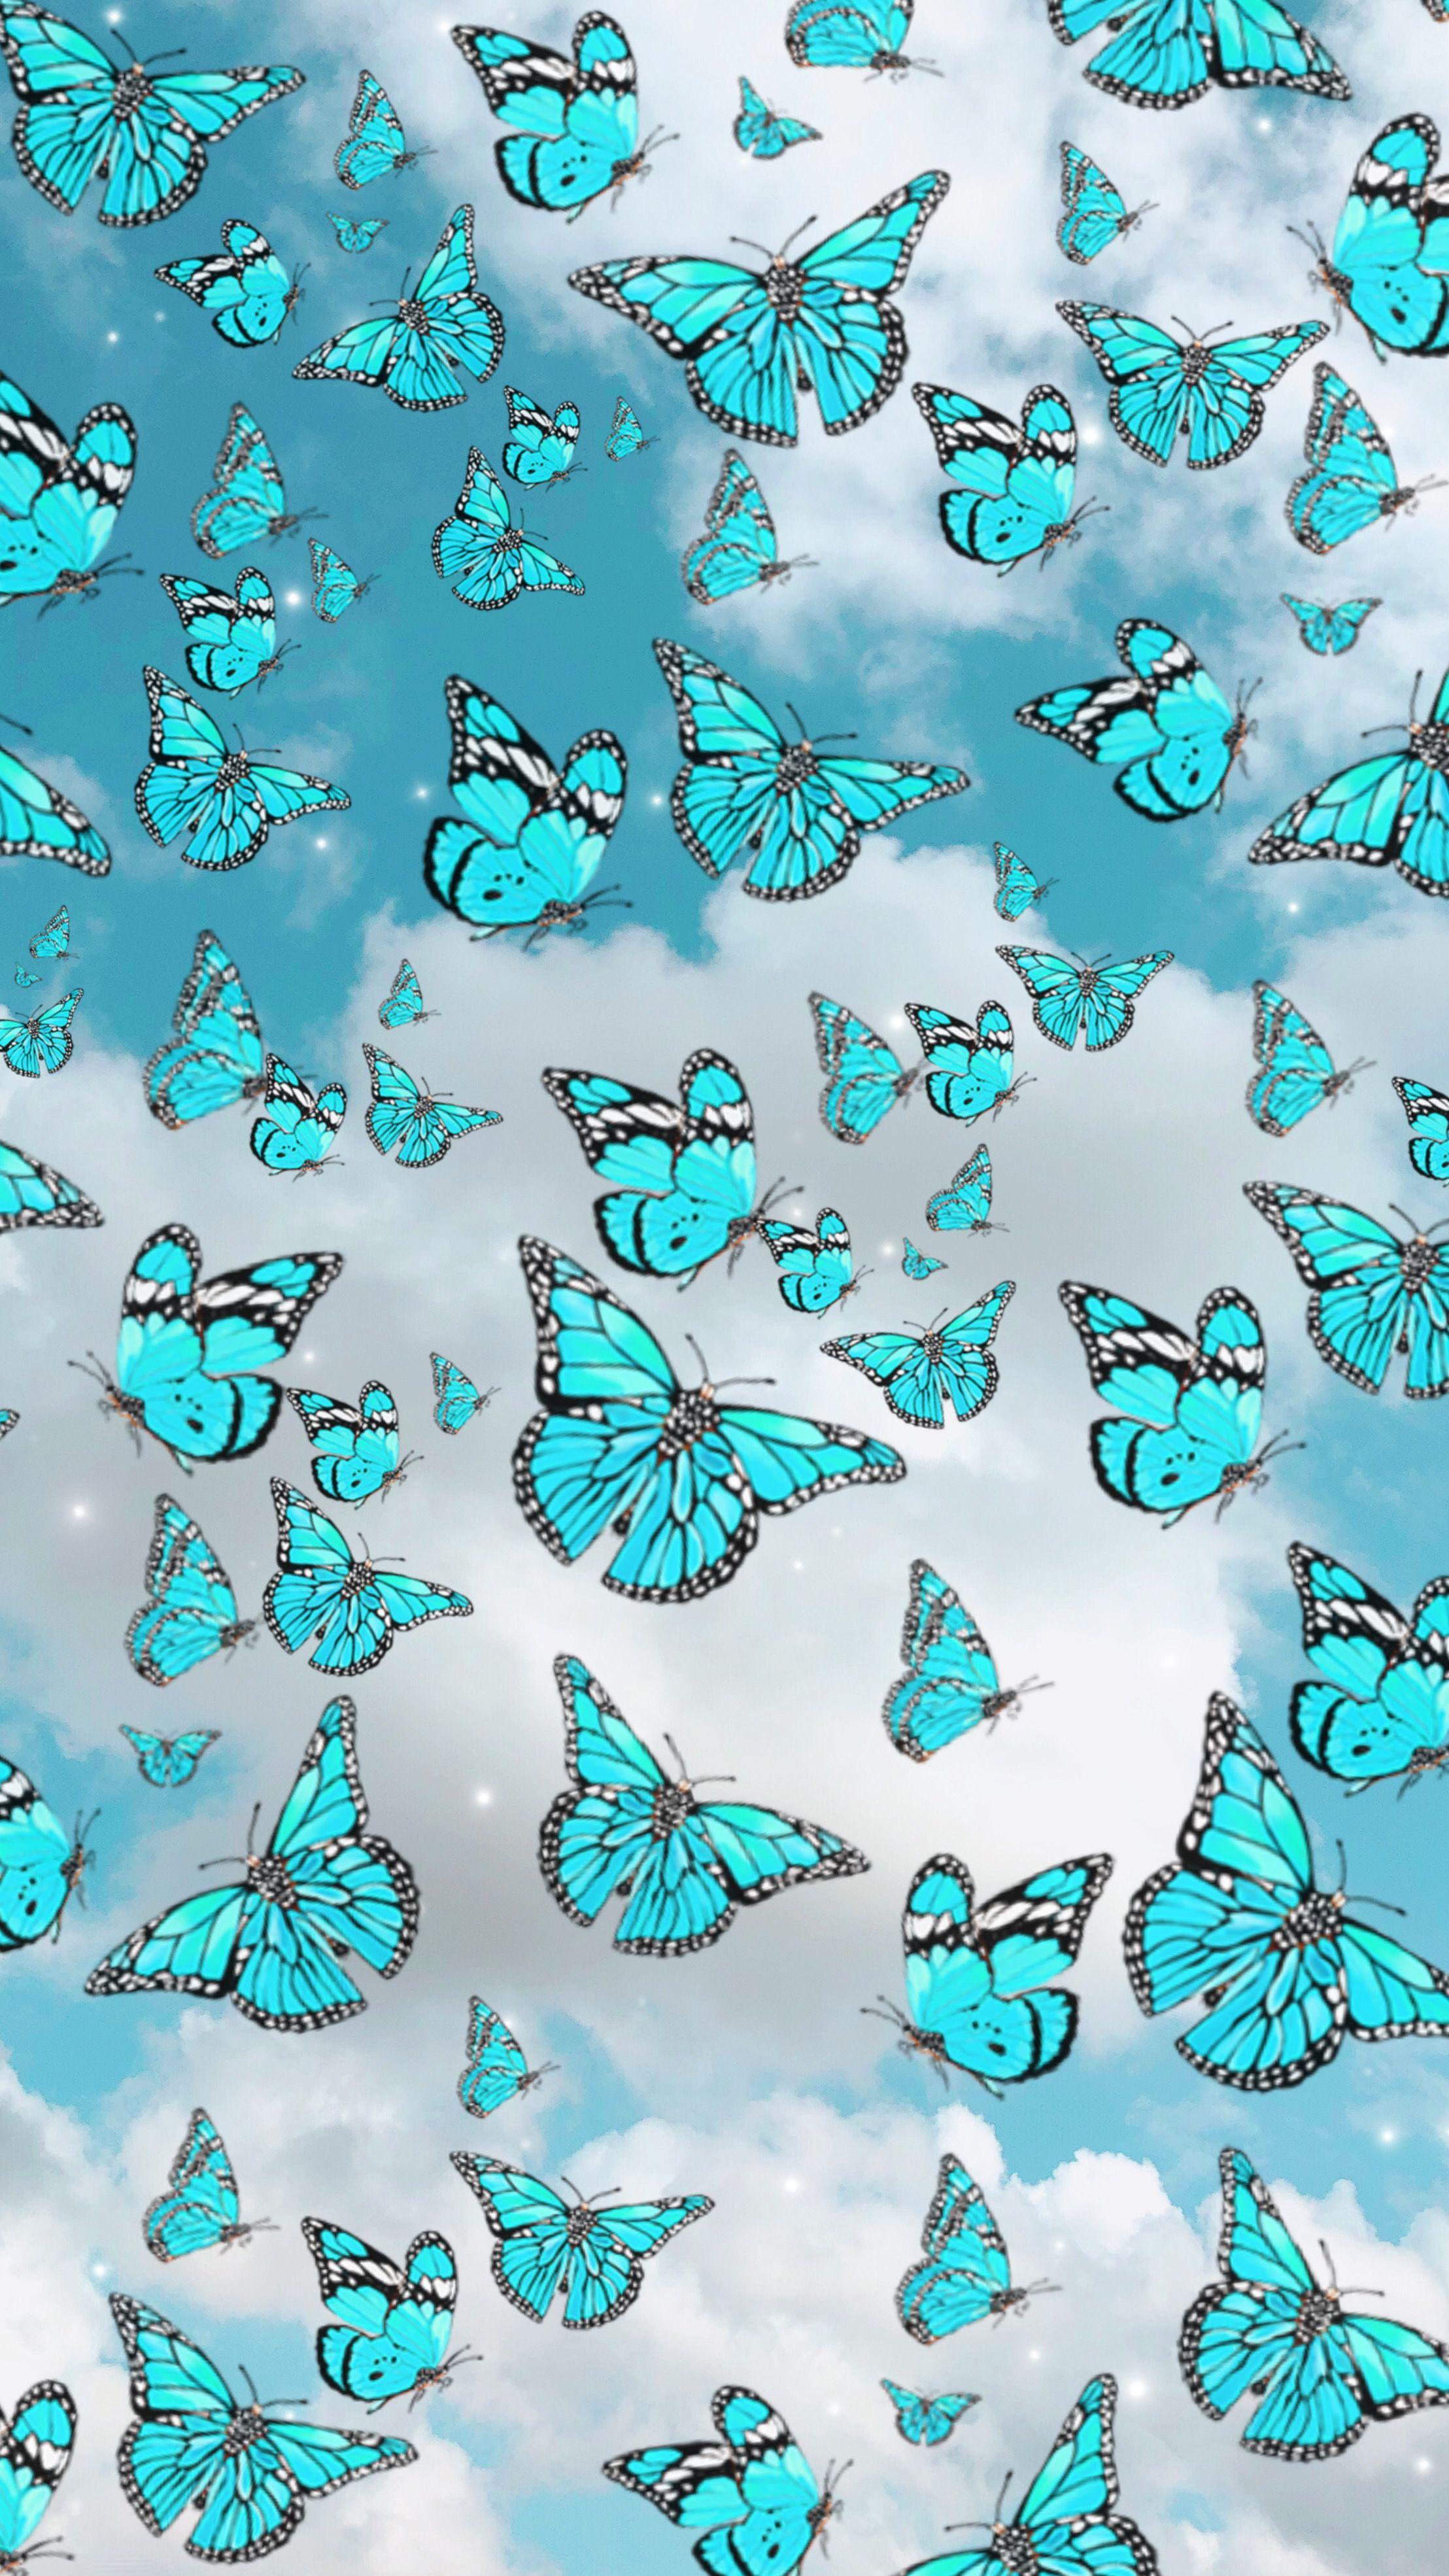 Papier Peint Papillon Butterfly Wallpaper Aesthetic Iphone Wallpaper Pretty Wallpaper Iphone Aesthetic butterfly emoji wallpaper